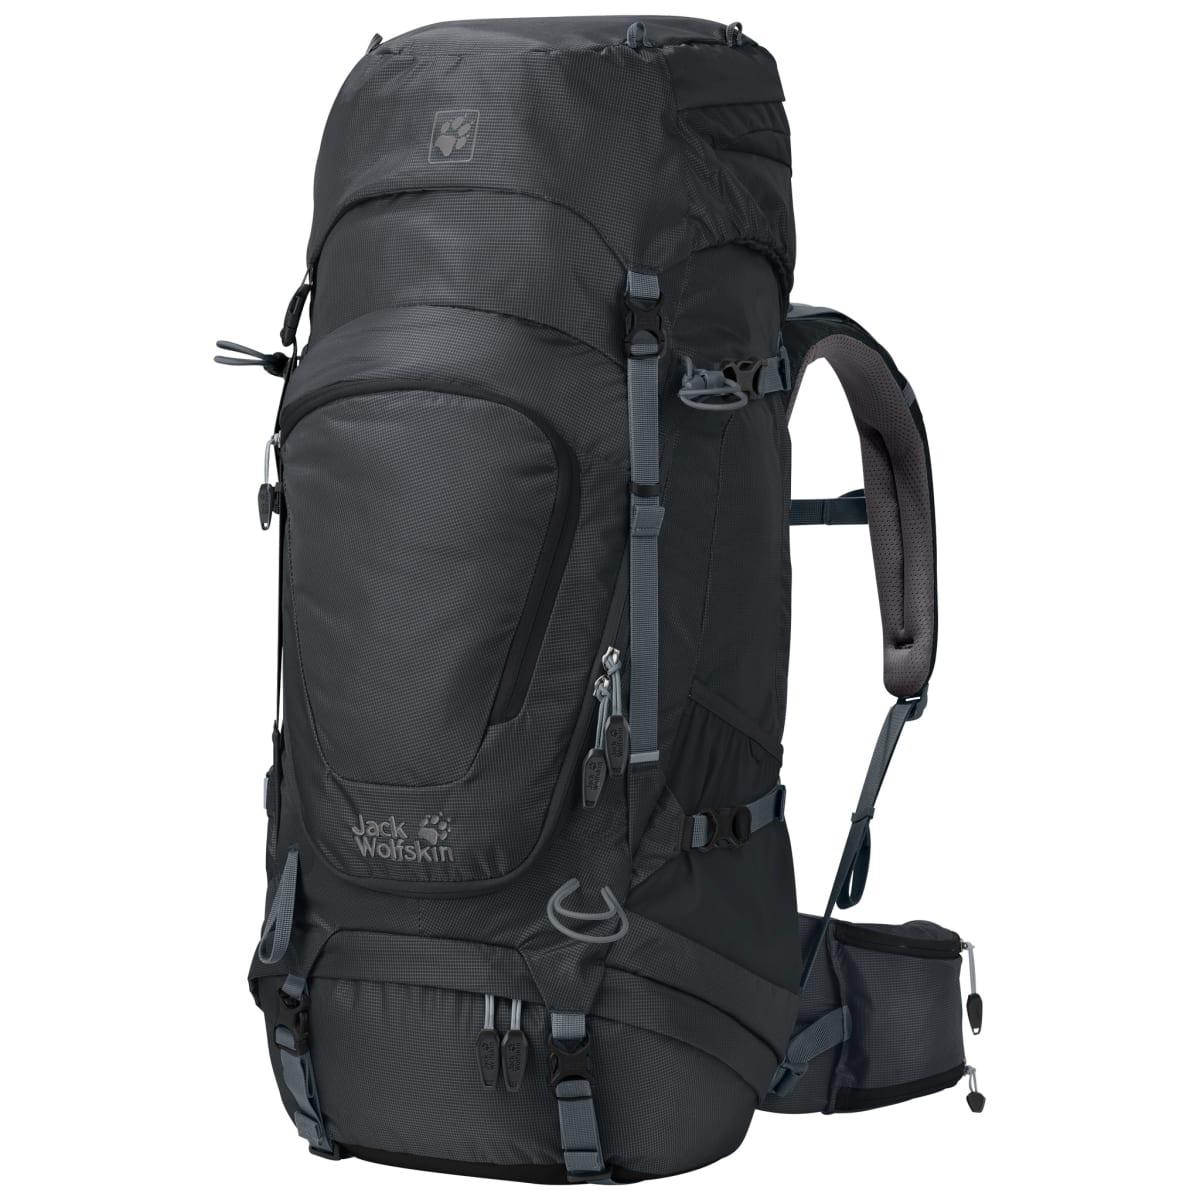 [Outnorth] Jack Wolfskin Damen Highland Trail Xt 45 - Rucksack